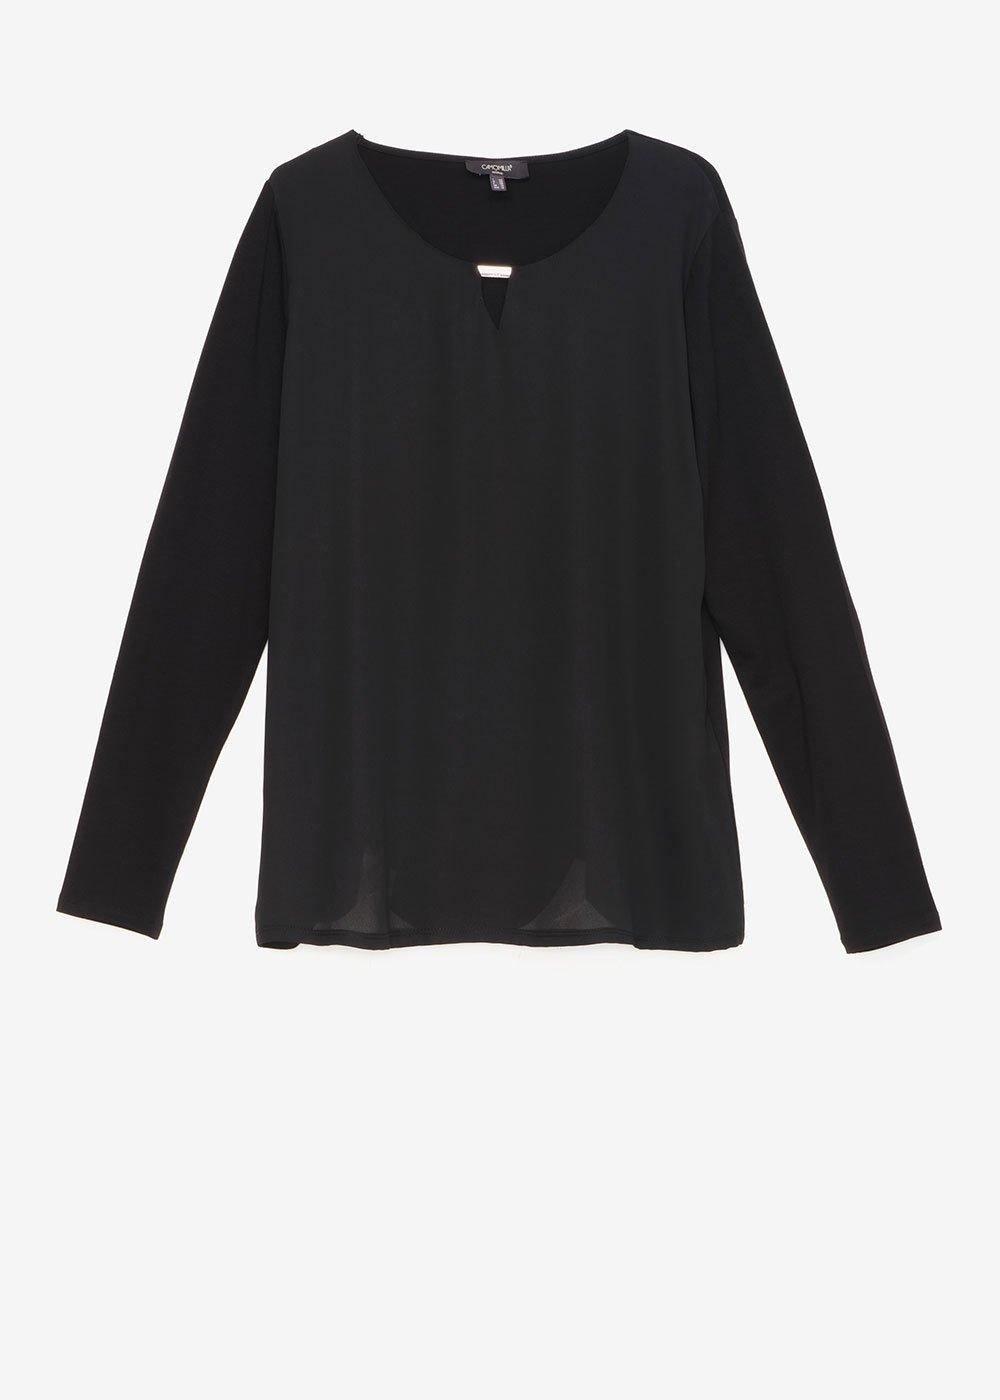 T-shirt Shari in doppio tessuto - Black - Donna